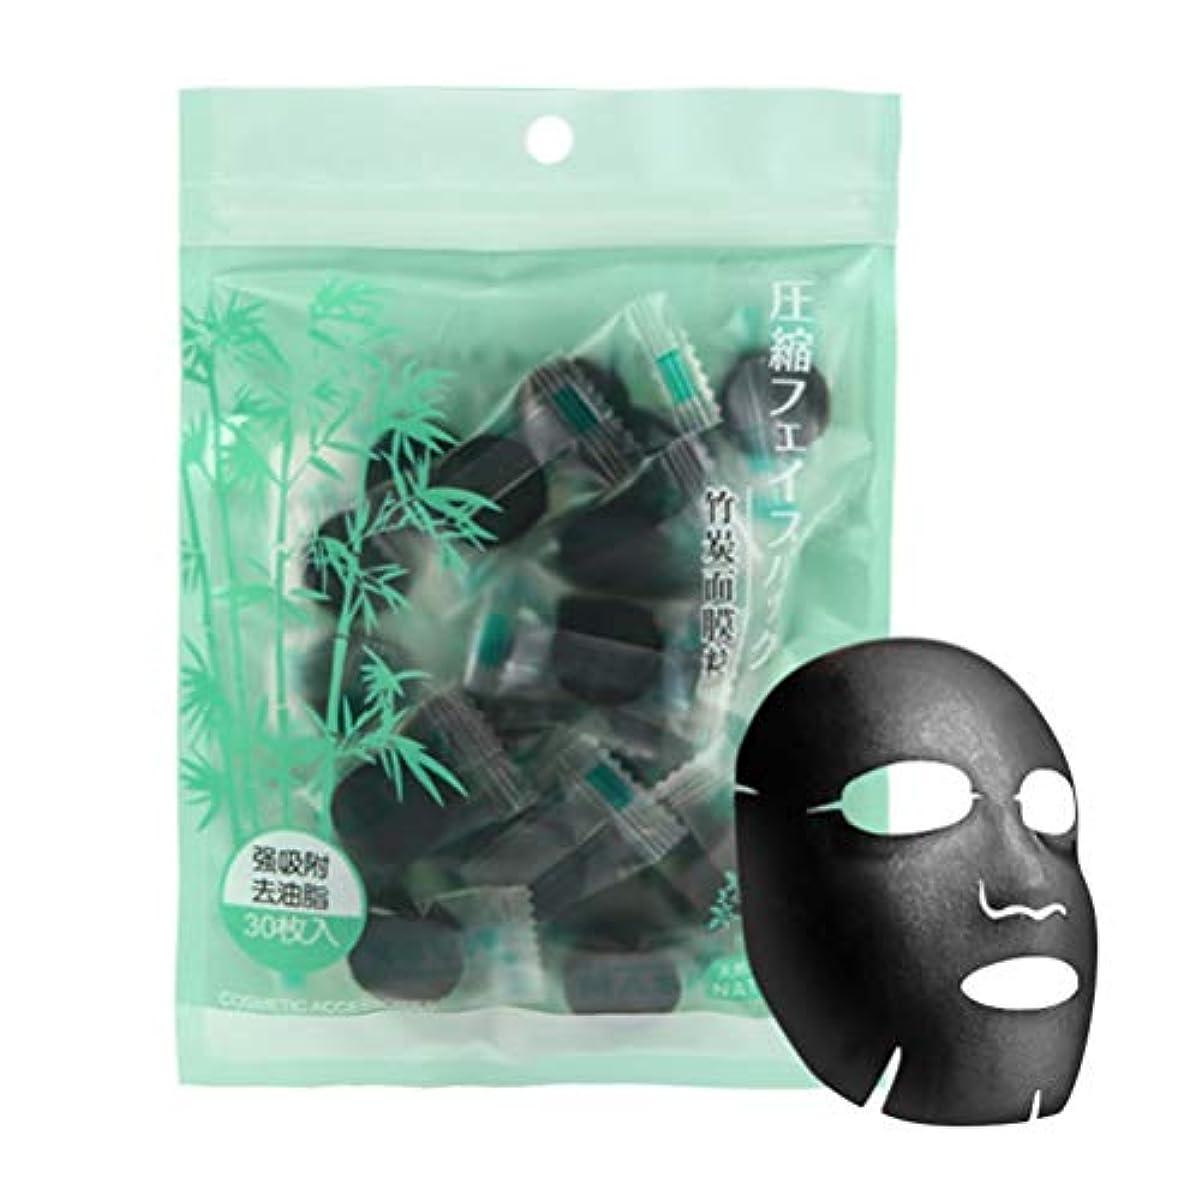 治安判事奇跡的な藤色HEALLILY 30ピース使い捨てフェイシャルマスクDIY天然竹炭圧縮フェイシャルマスクシートスキンケアマスク